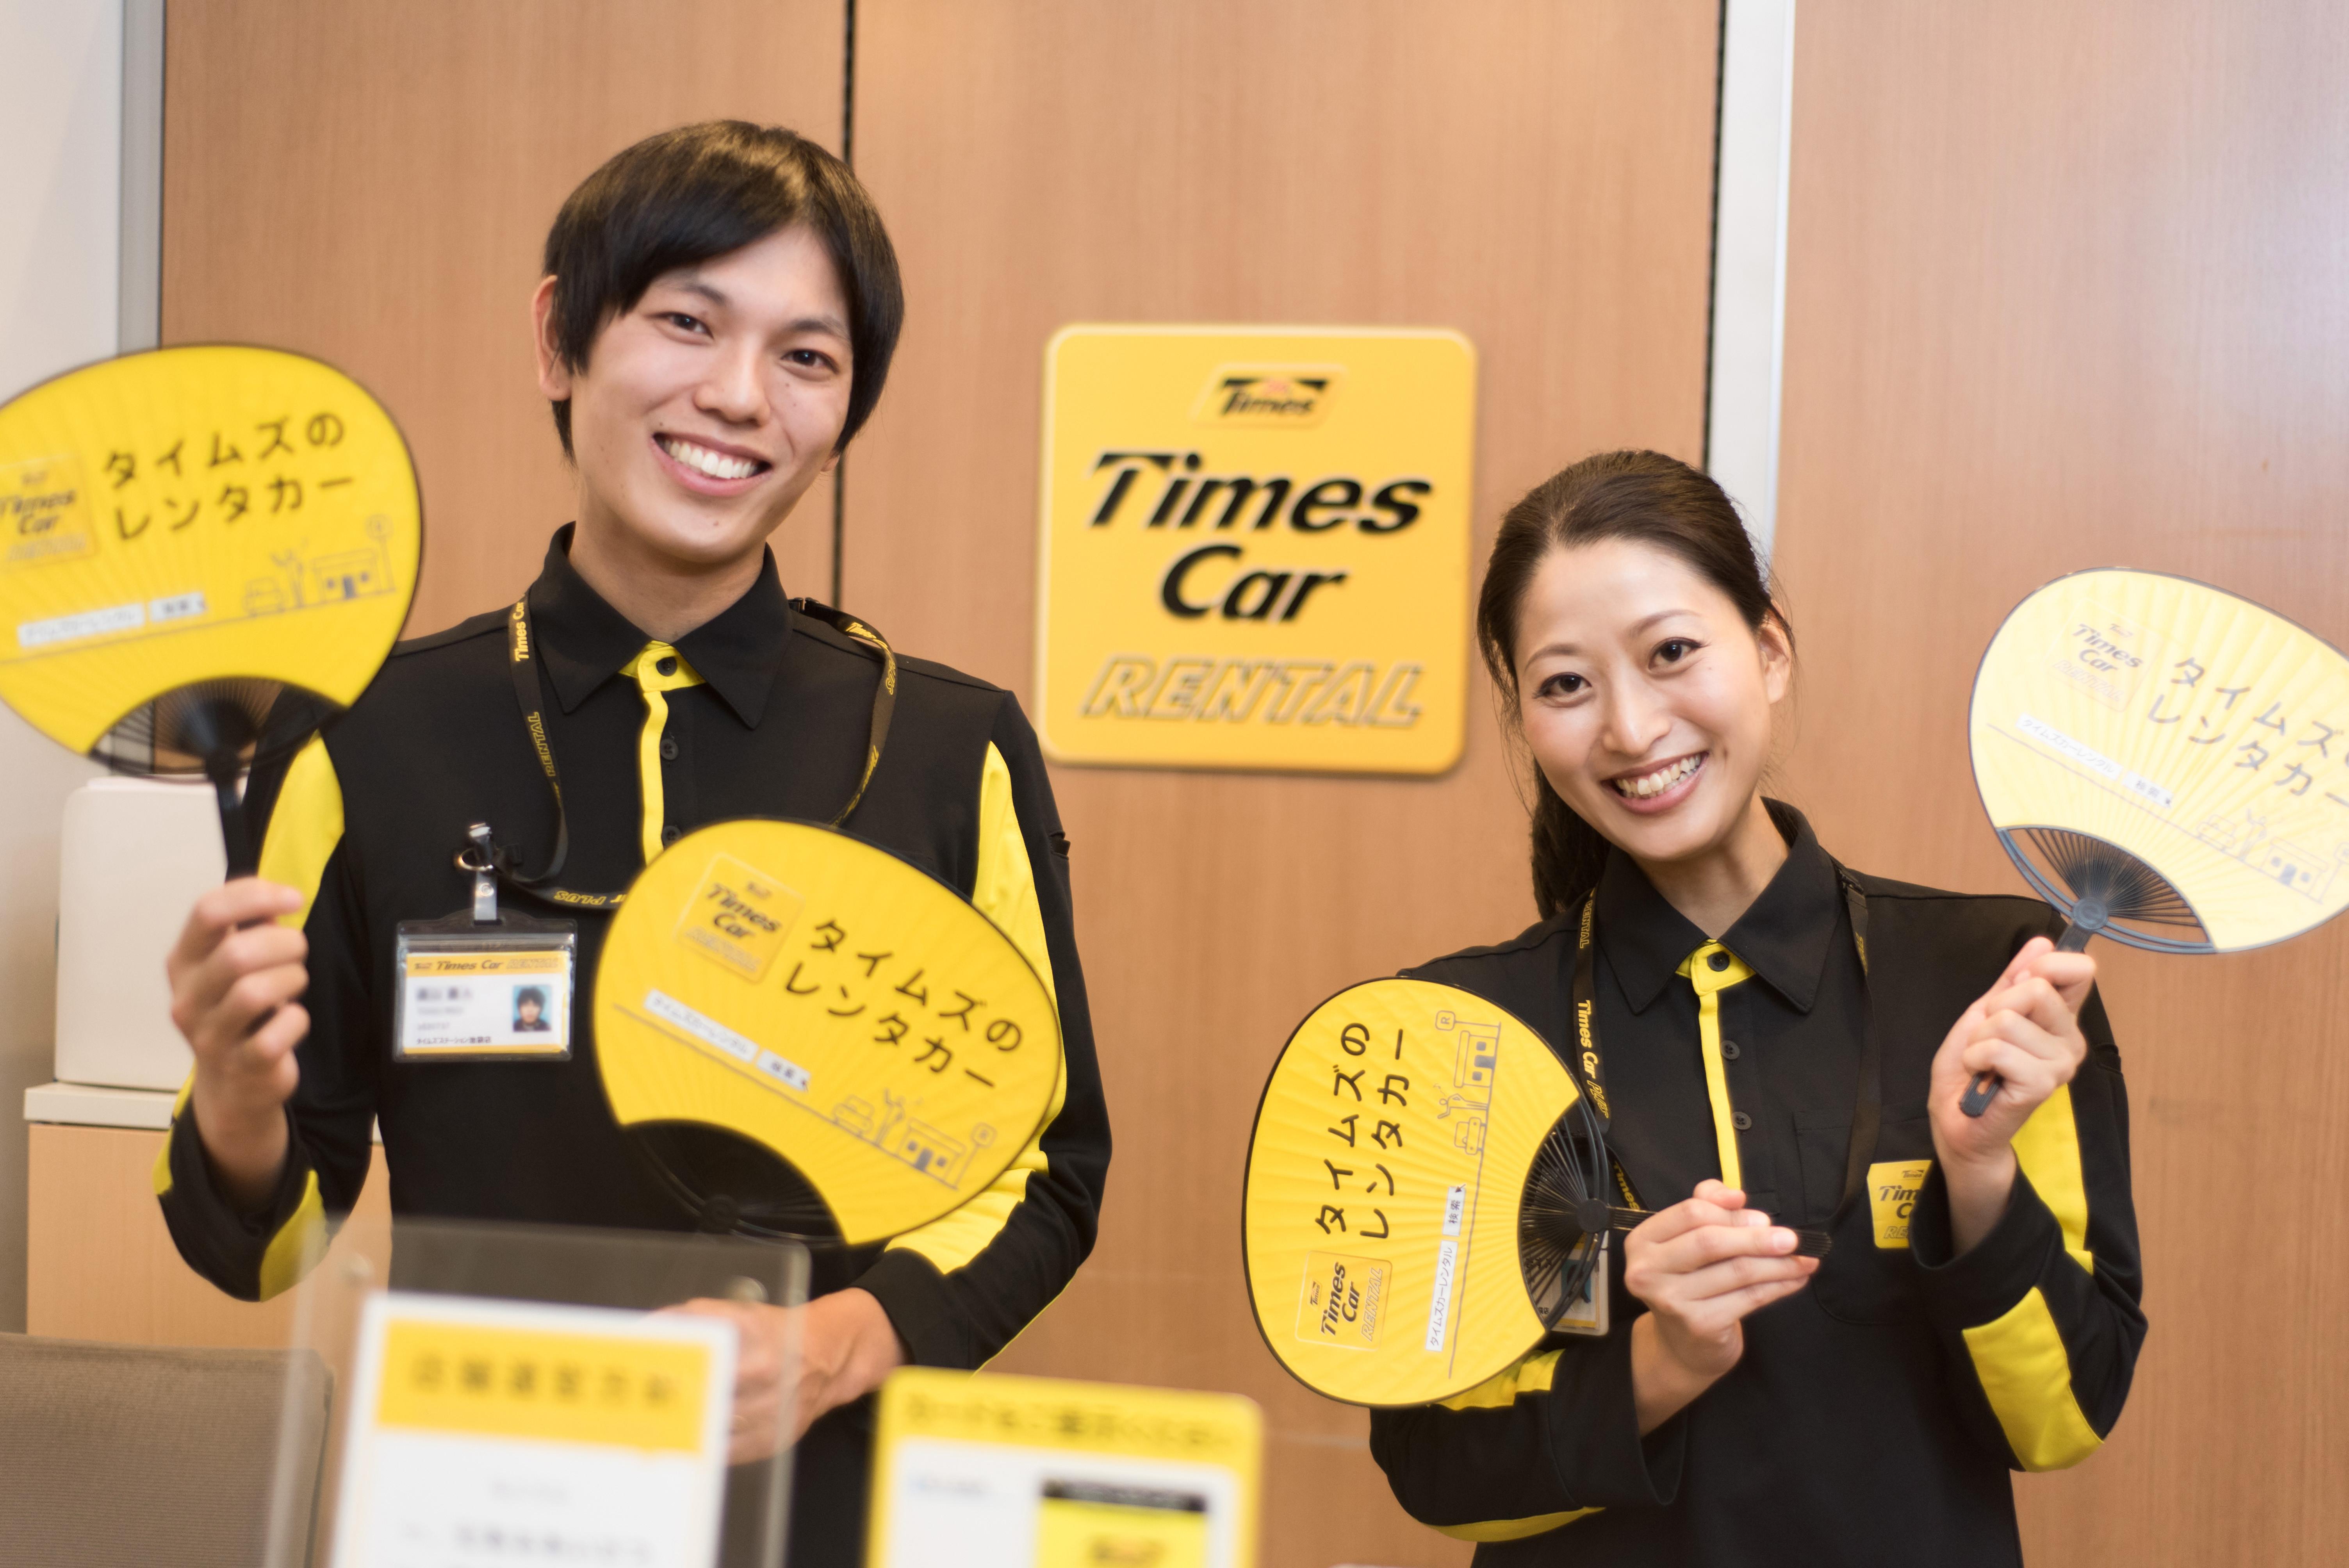 タイムズカーレンタル 宇都宮店 のアルバイト情報